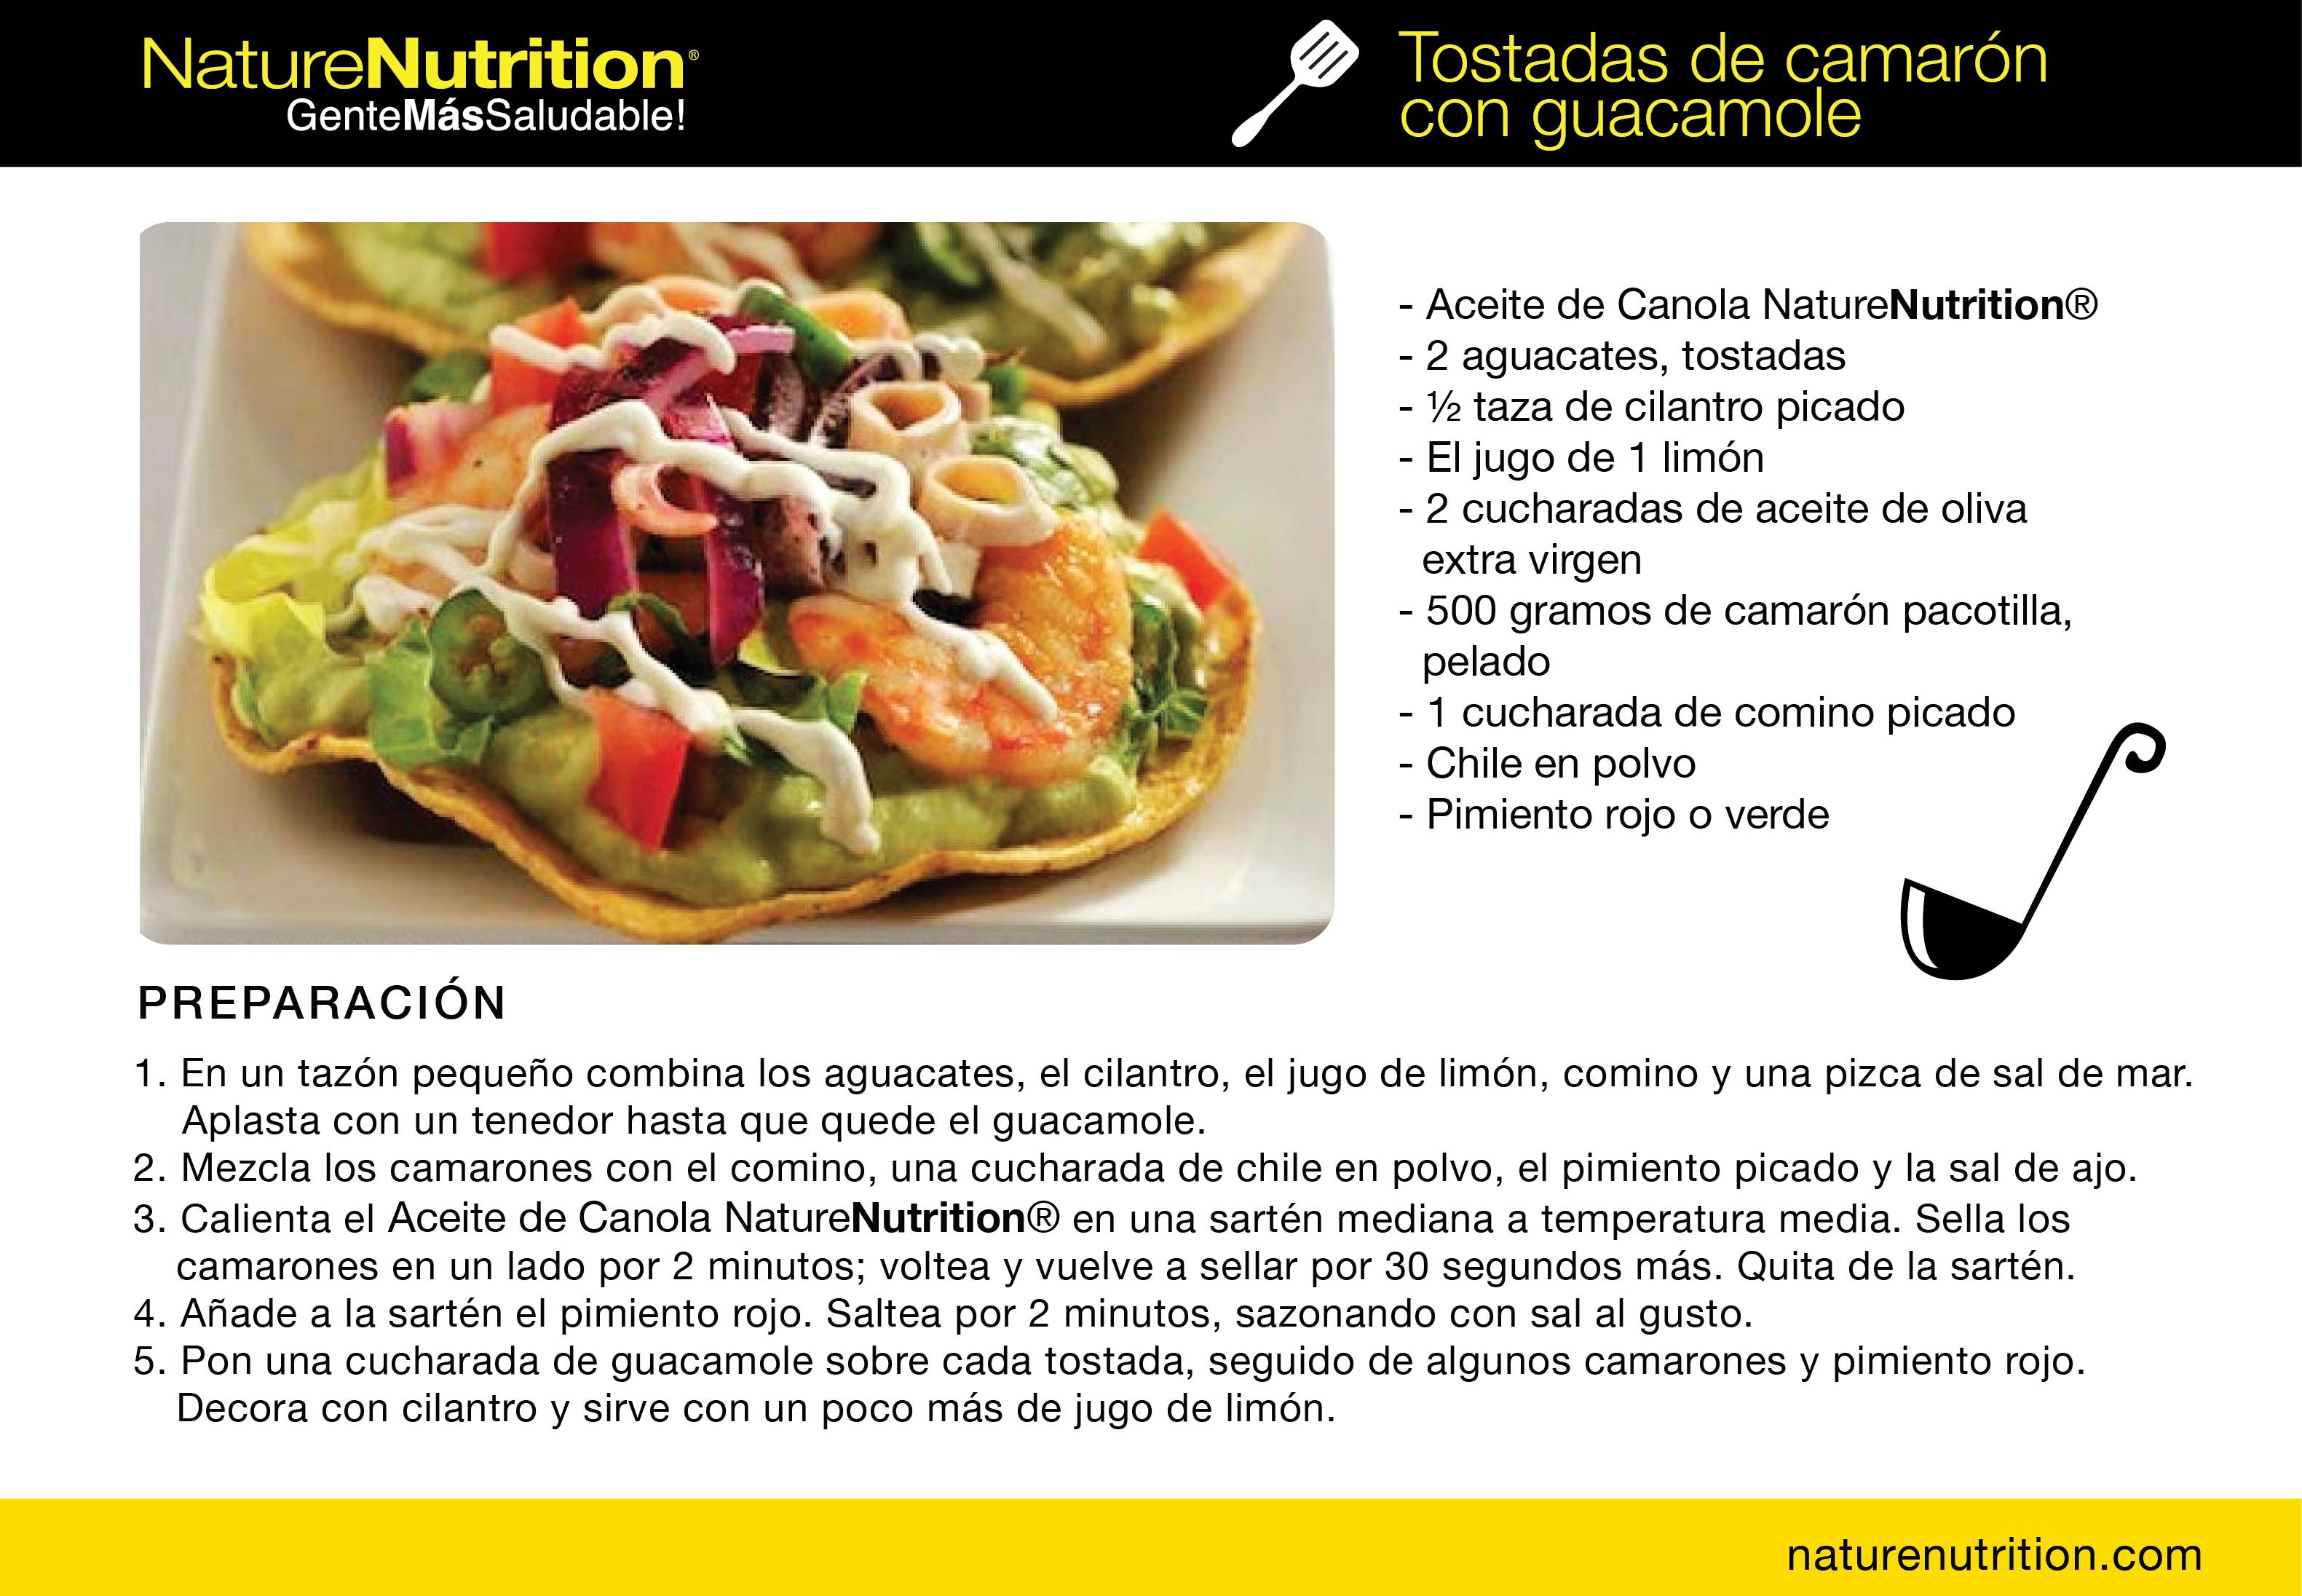 #Recetas #Saludables Tostadas de camarón con guacamole.